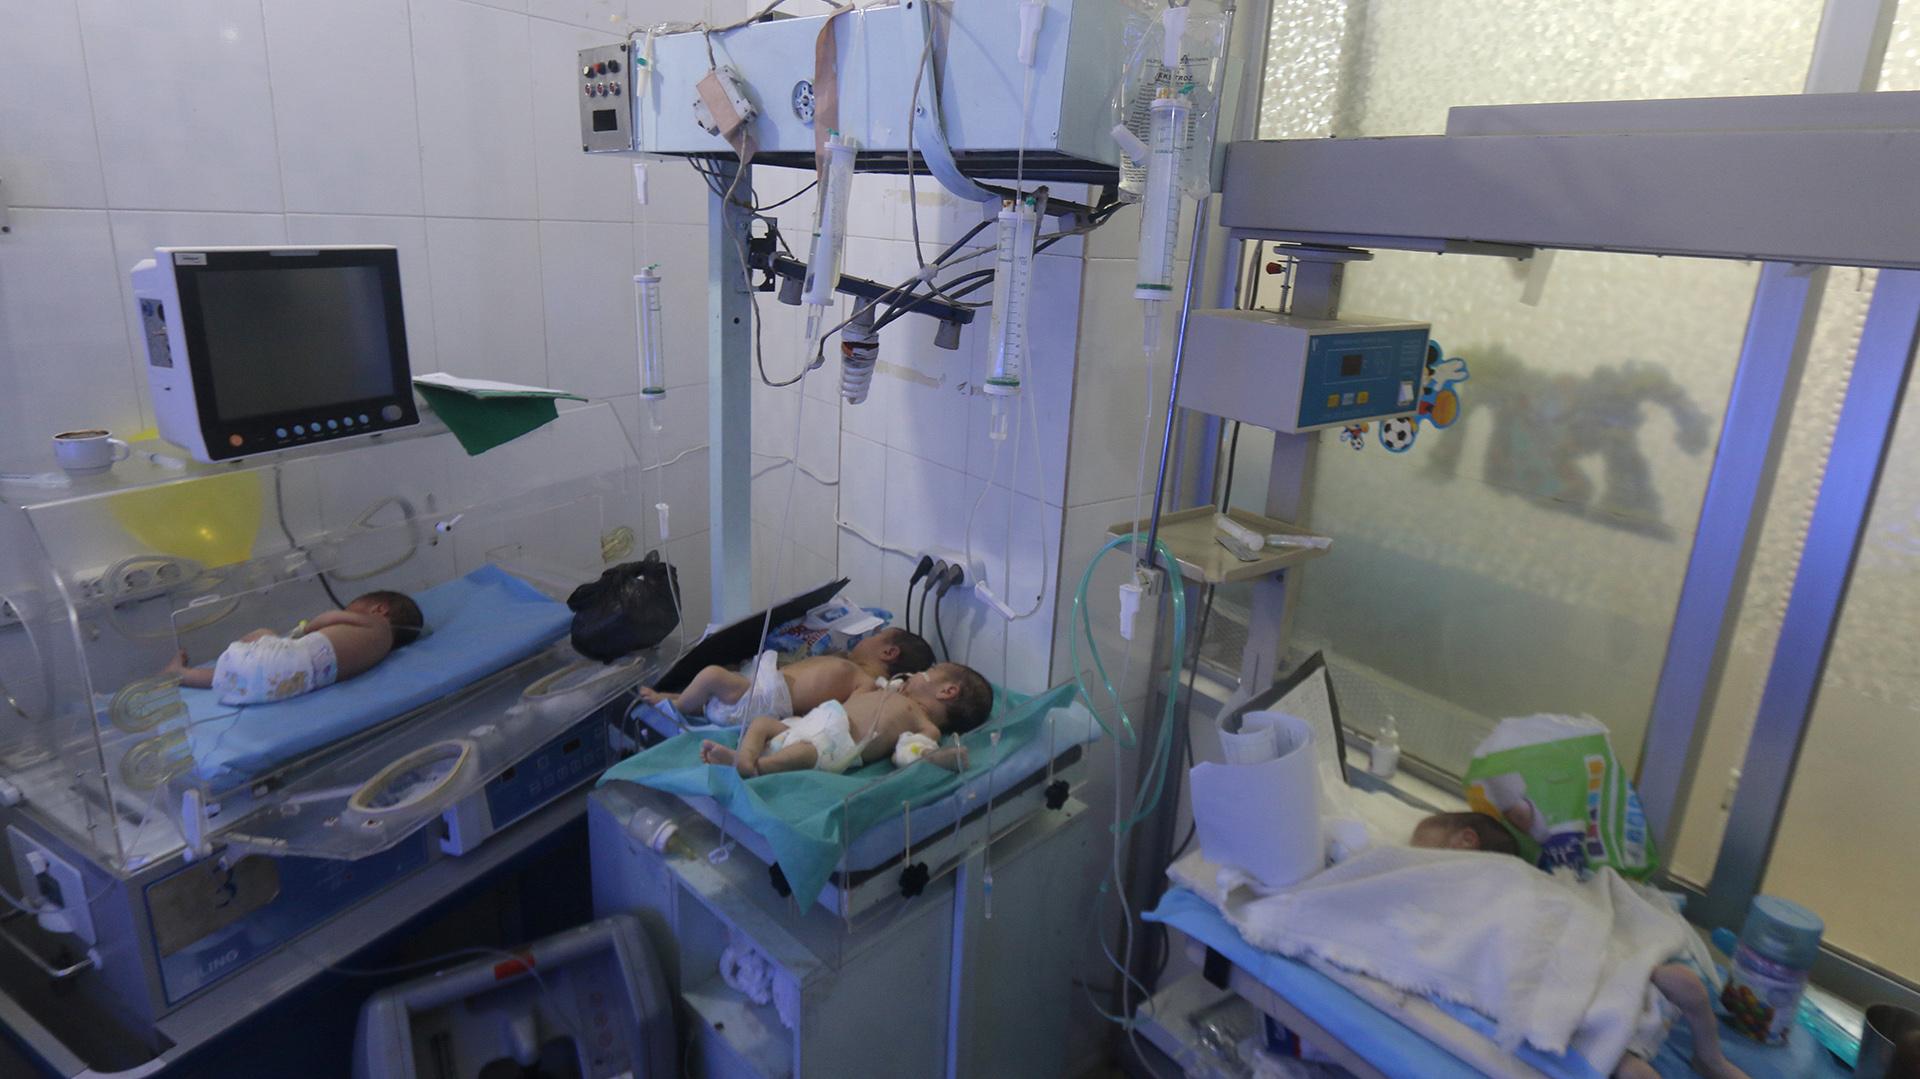 Bebés en un hospital que fue dañado por los ataques aéreros en la ciudad de Alepo, Siria. REUTERS/Abdalrhman Ismail